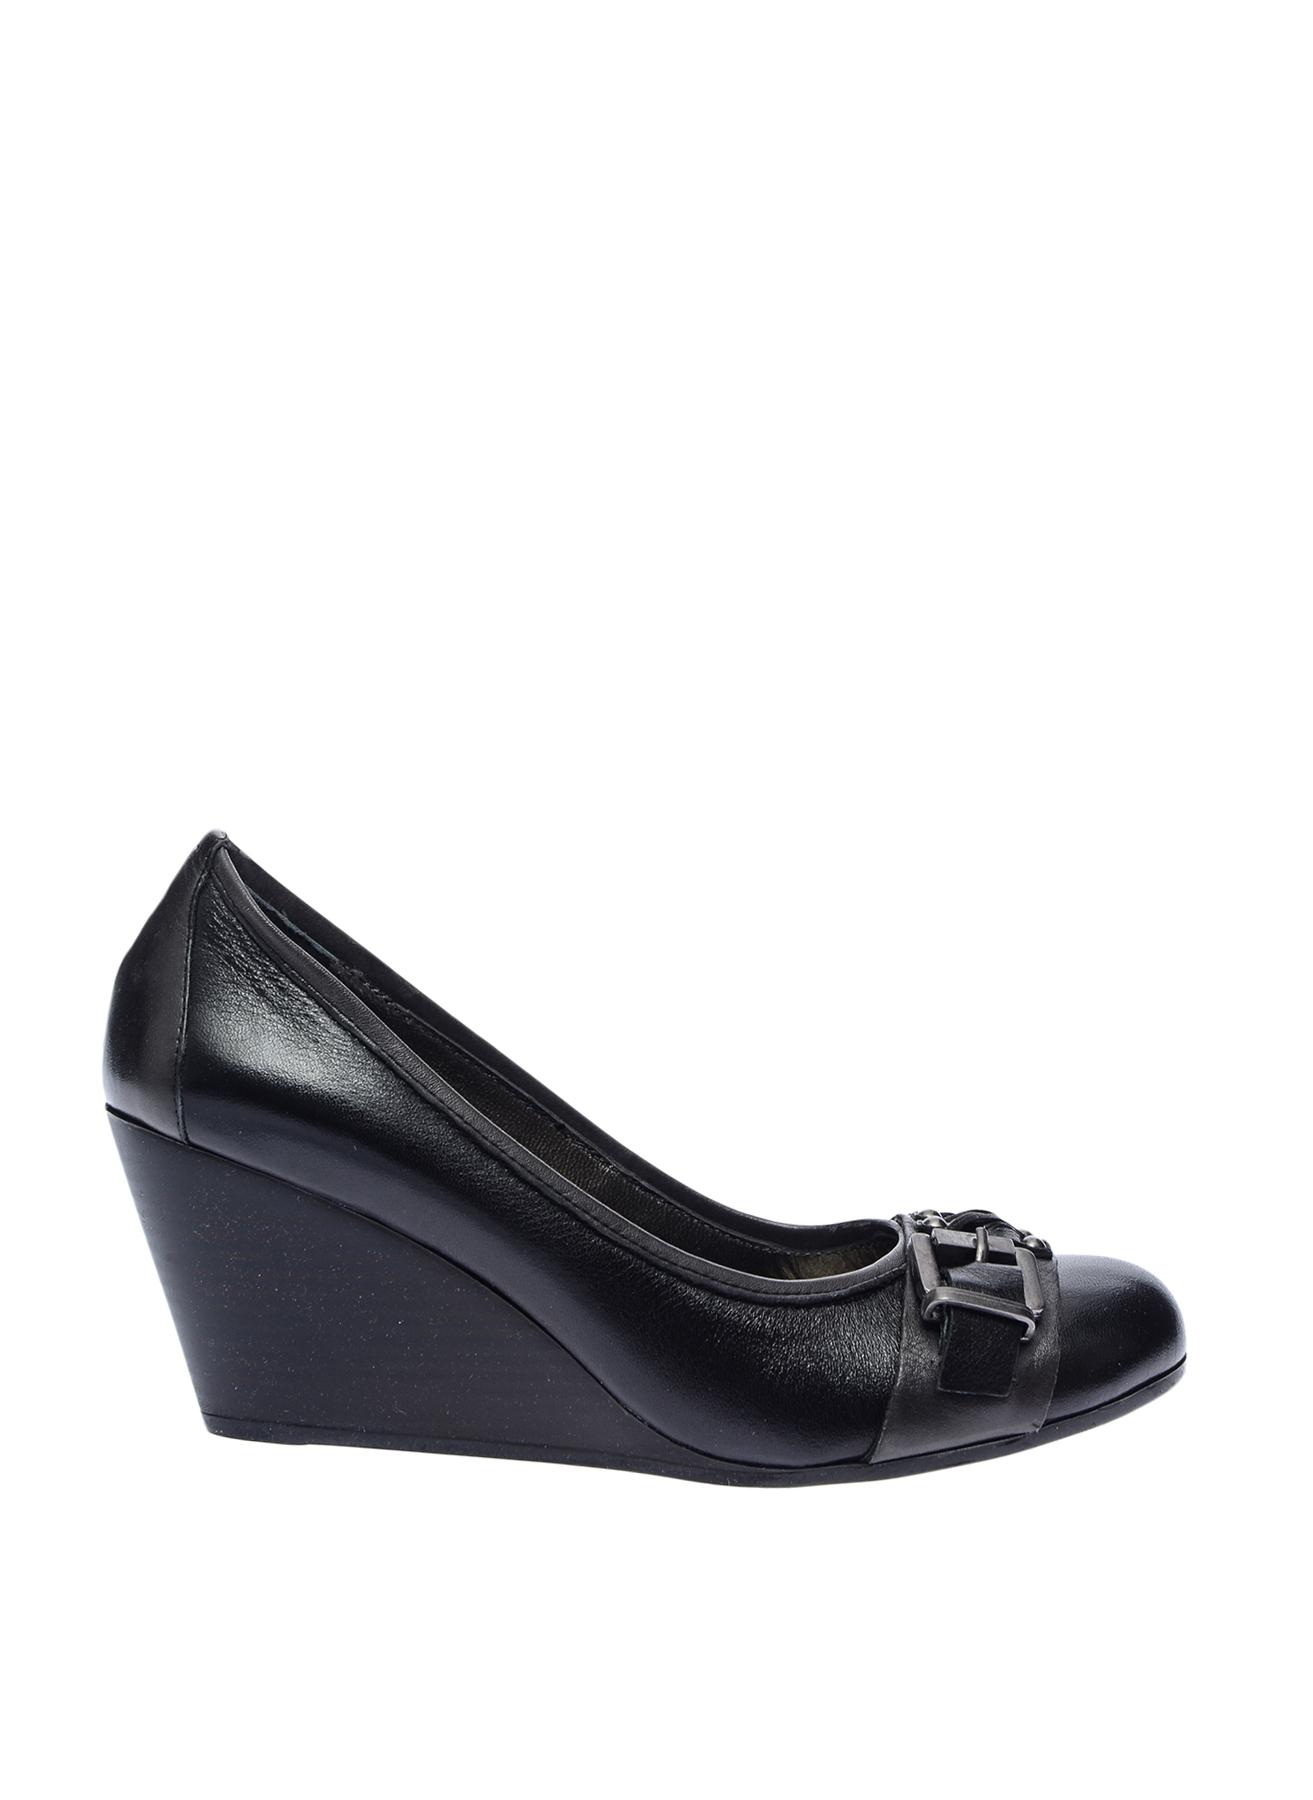 39 Siyah Prima Dolgu Tpklu Ayakkabi 5000026803001 Ayakkabı & Çanta Kadın Topuk